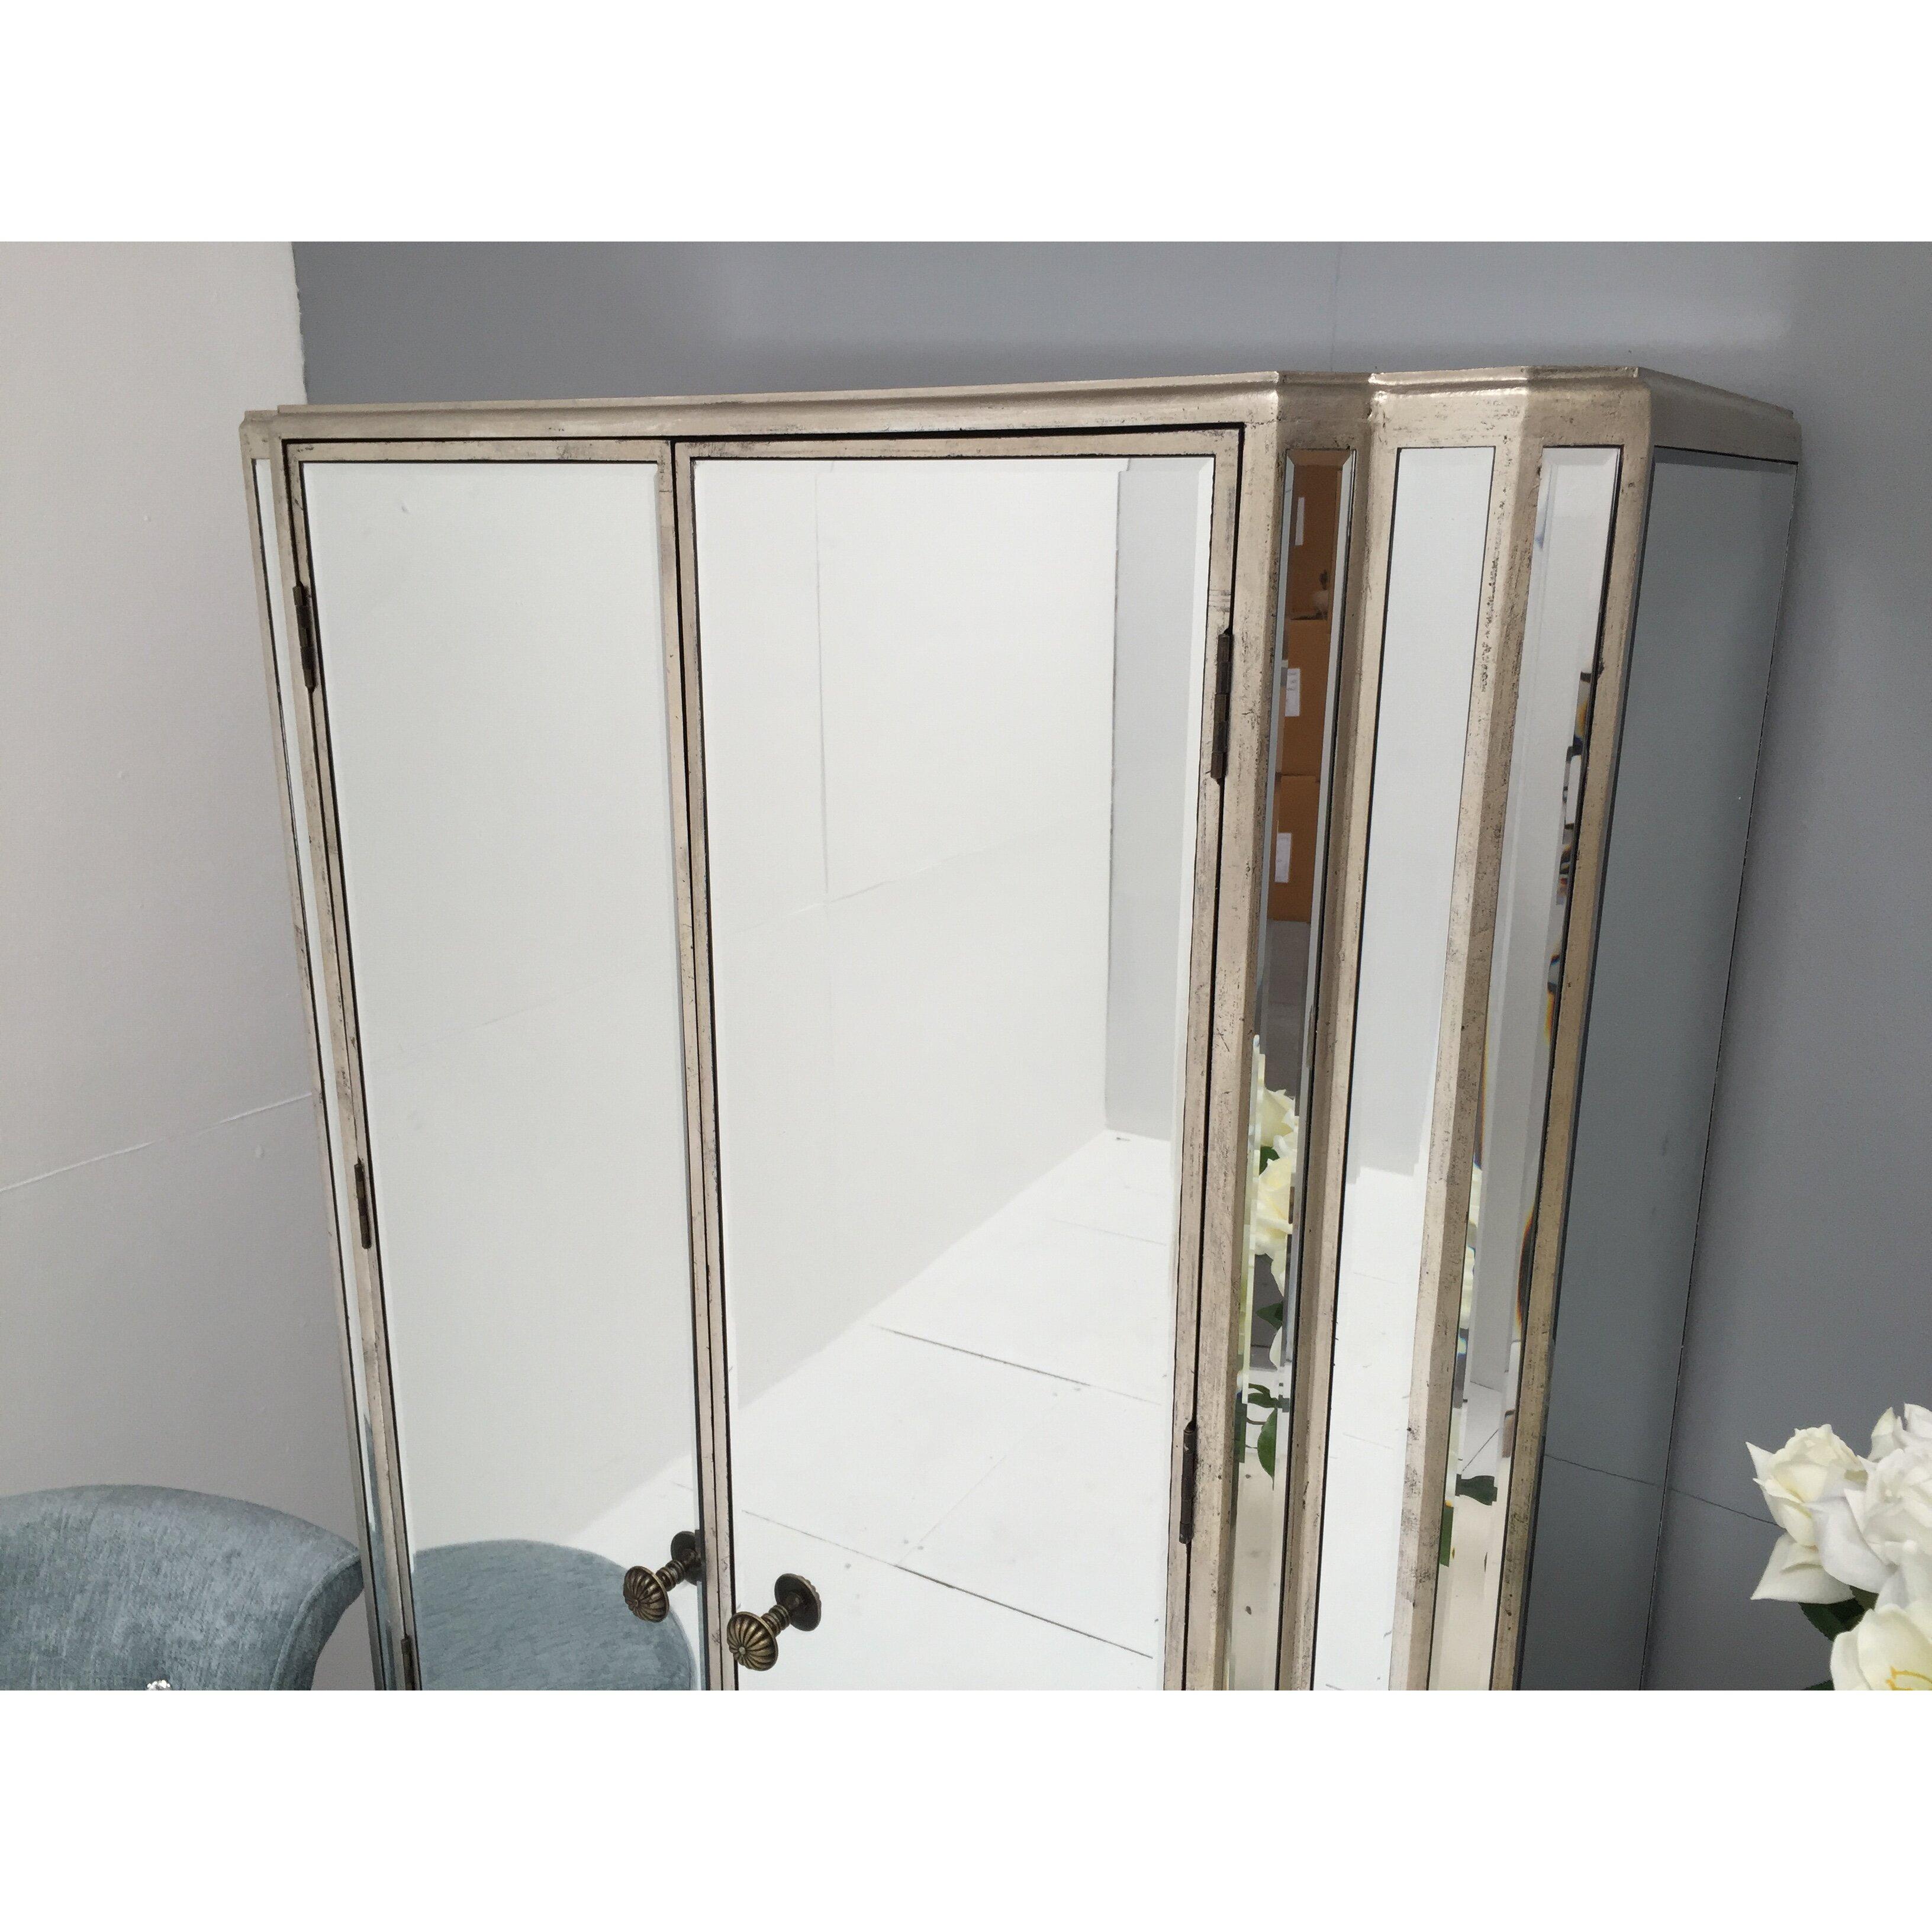 spiegelschrank vintage von alterton. Black Bedroom Furniture Sets. Home Design Ideas